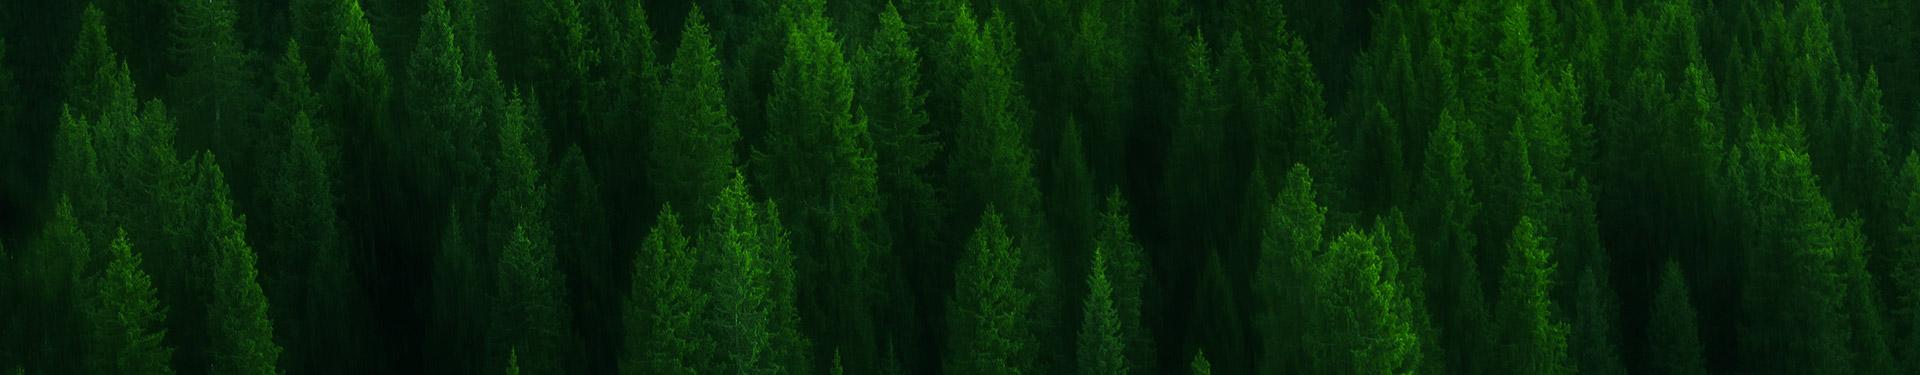 深圳市森视界景观规划设计有限公司海报图